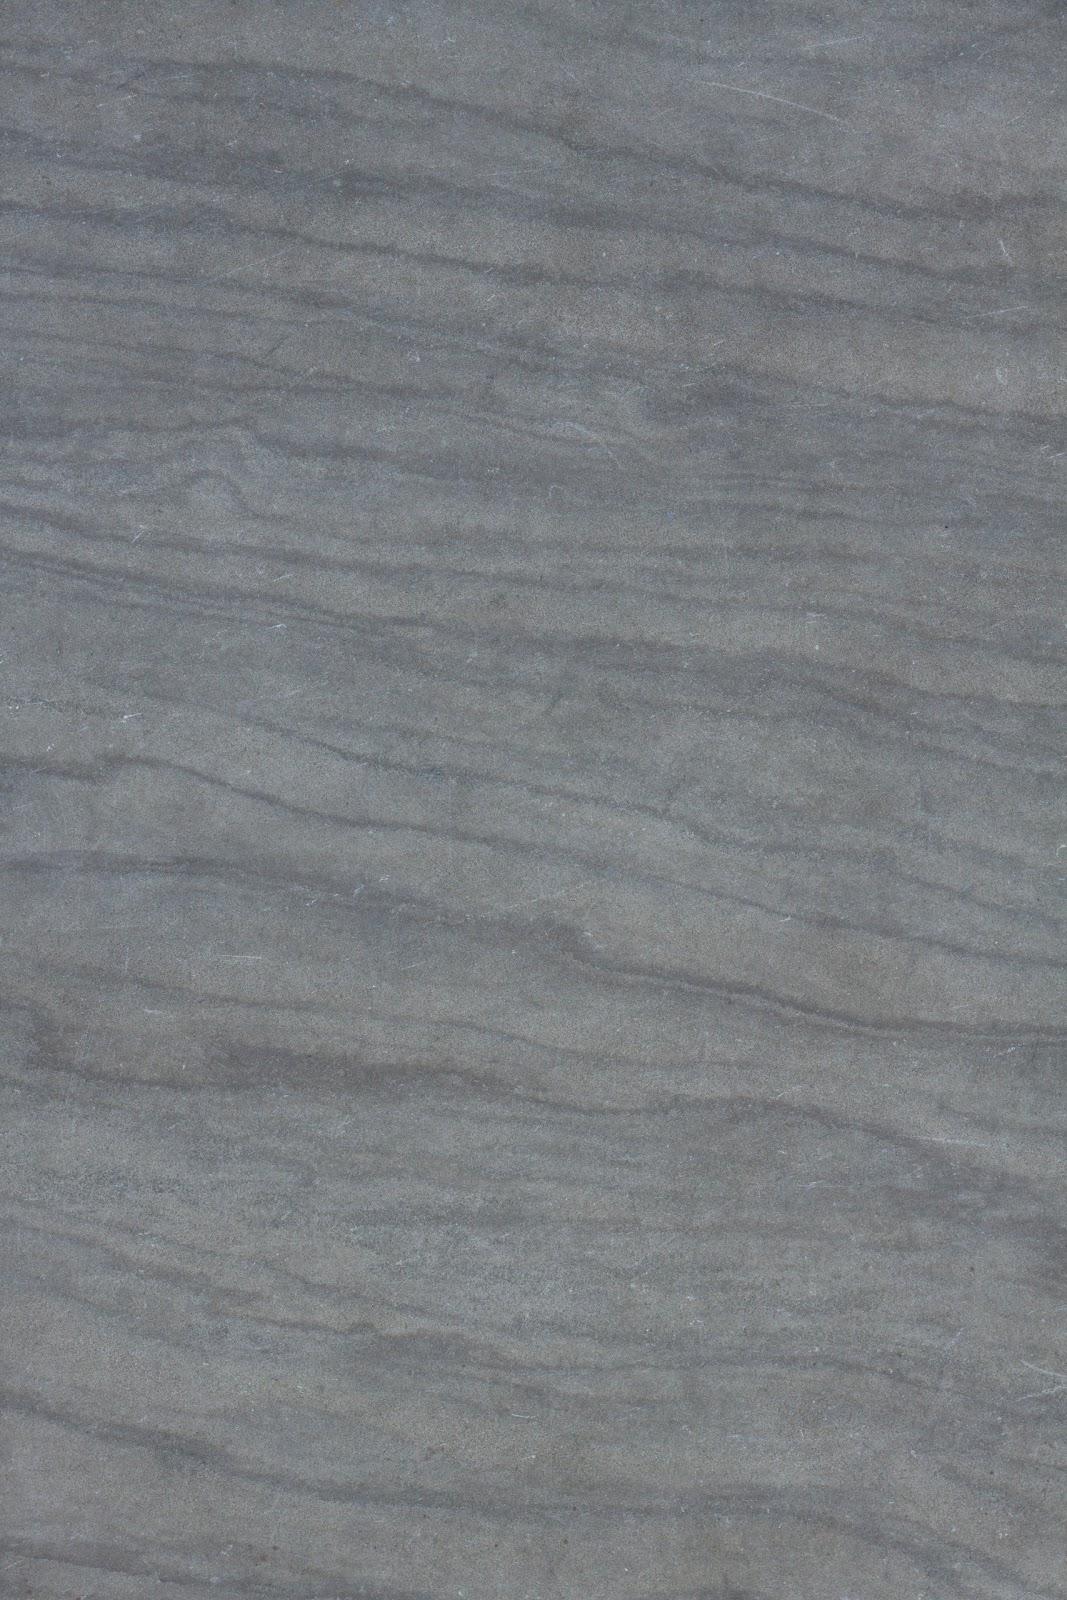 Grey wavy stone 3168x4752